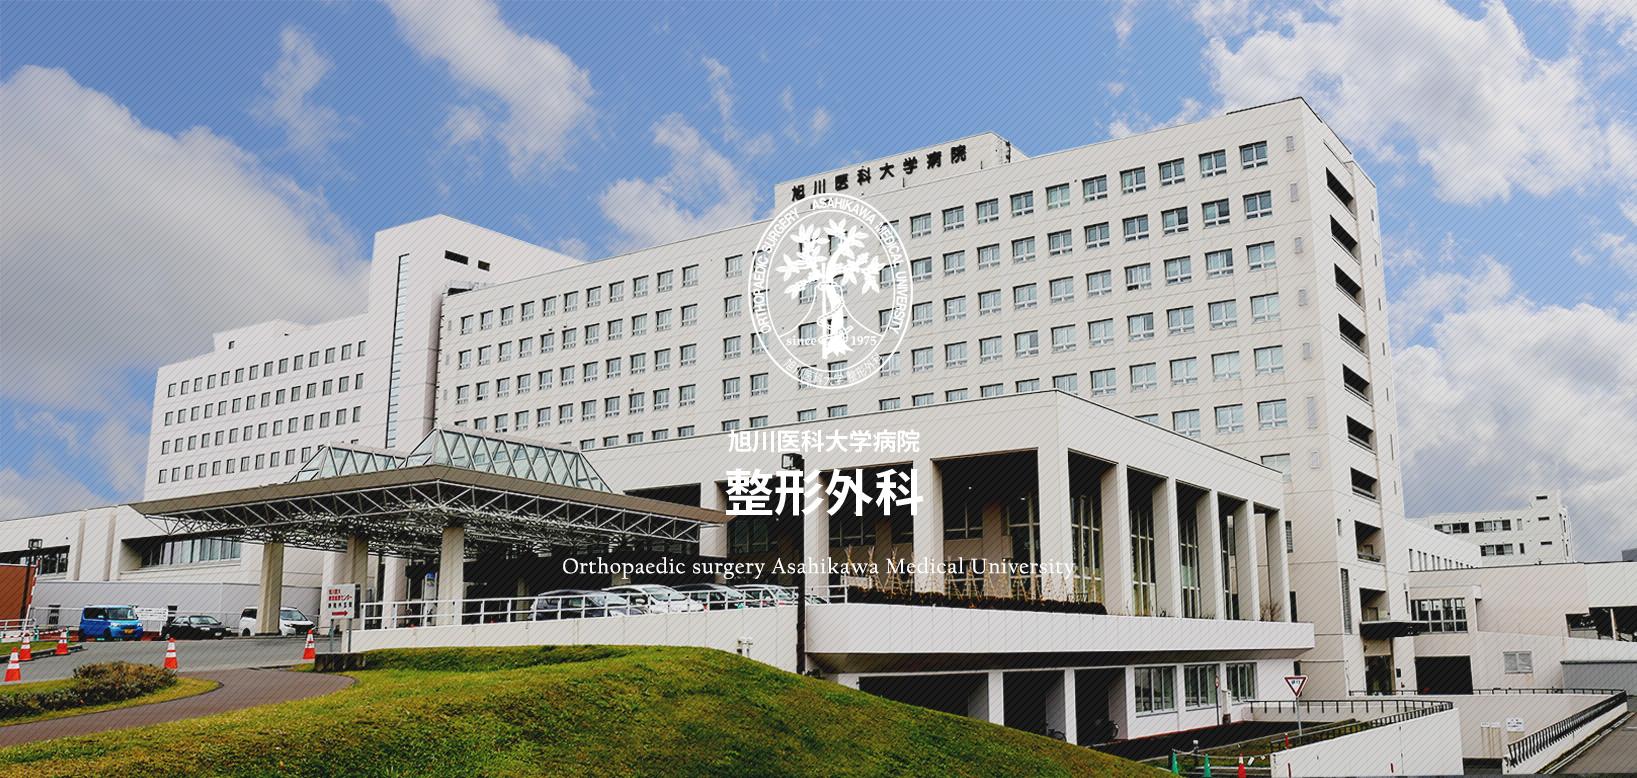 大学 病院 医科 旭川